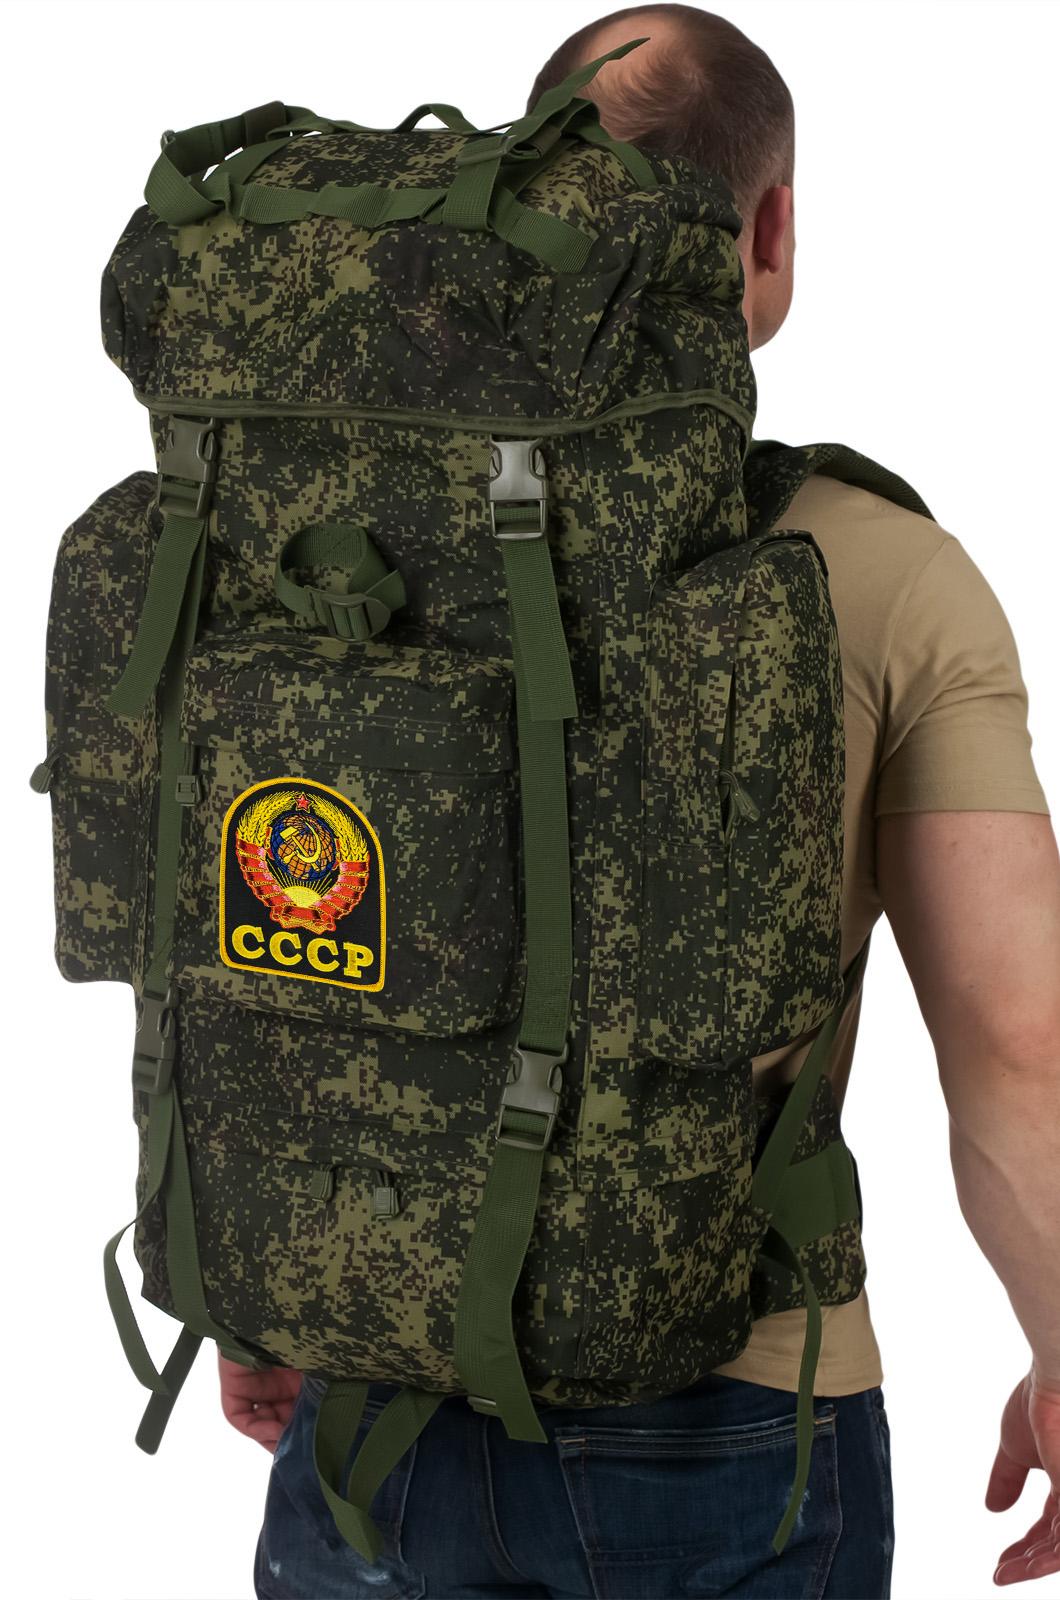 Тактический рейдовый рюкзак для Вооруженных Сил с эмблемой СССР оптом в Военпро